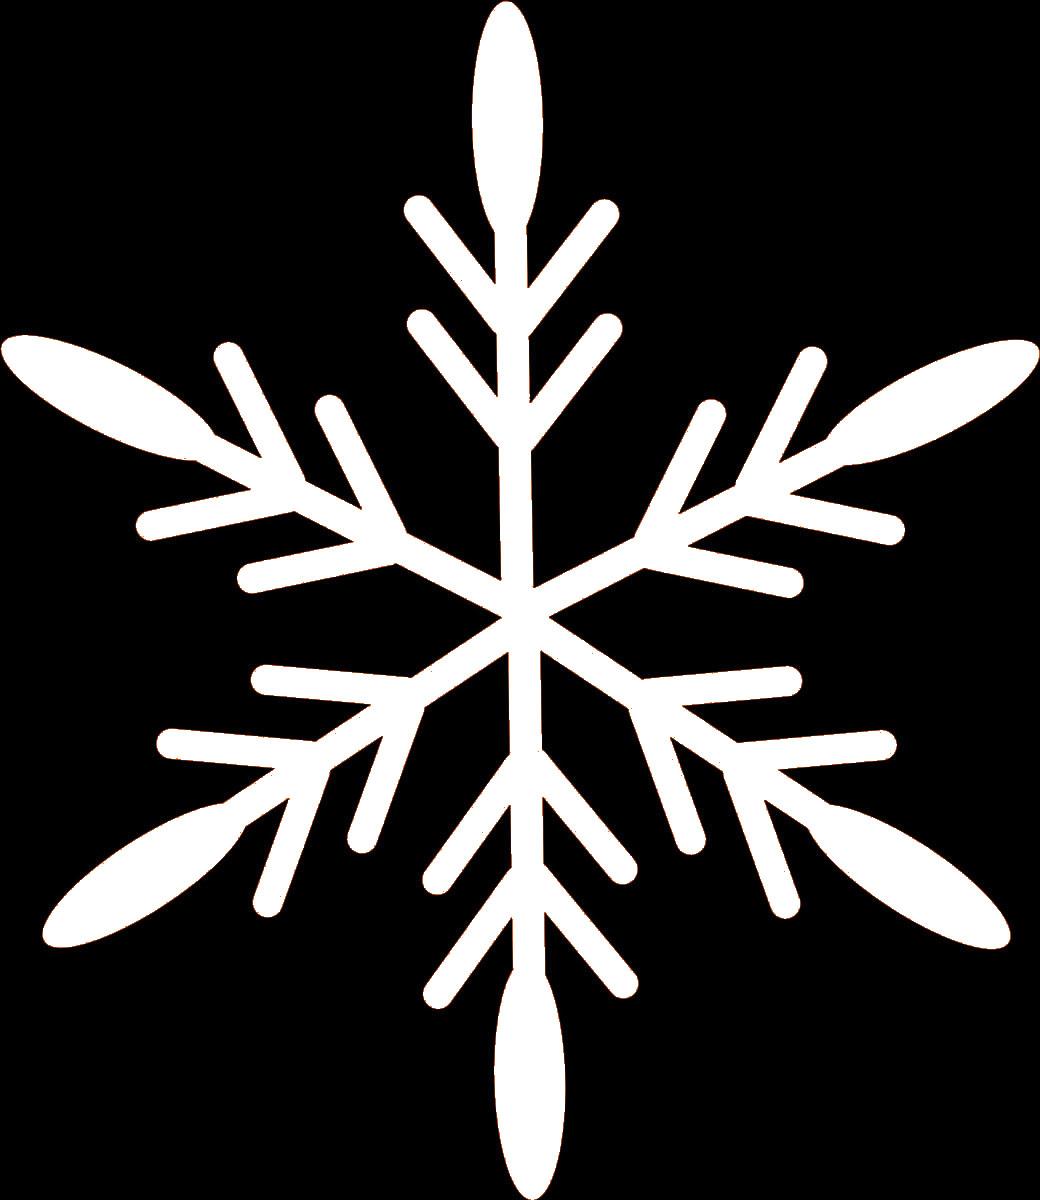 Наклейка автомобильная Оранжевый слоник Снежинка 6, виниловая, цвет: белый150NG00014WОригинальная наклейка Оранжевый слоник Снежинка 6 изготовлена из высококачественной виниловой пленки, которая выполняет не только декоративную функцию, но и защищает кузов автомобиля от небольших механических повреждений, либо скрывает уже существующие.Виниловые наклейки на автомобиль - это не только красиво, но еще и быстро! Всего за несколько минут вы можете полностью преобразить свой автомобиль, сделать его ярким, необычным, особенным и неповторимым!